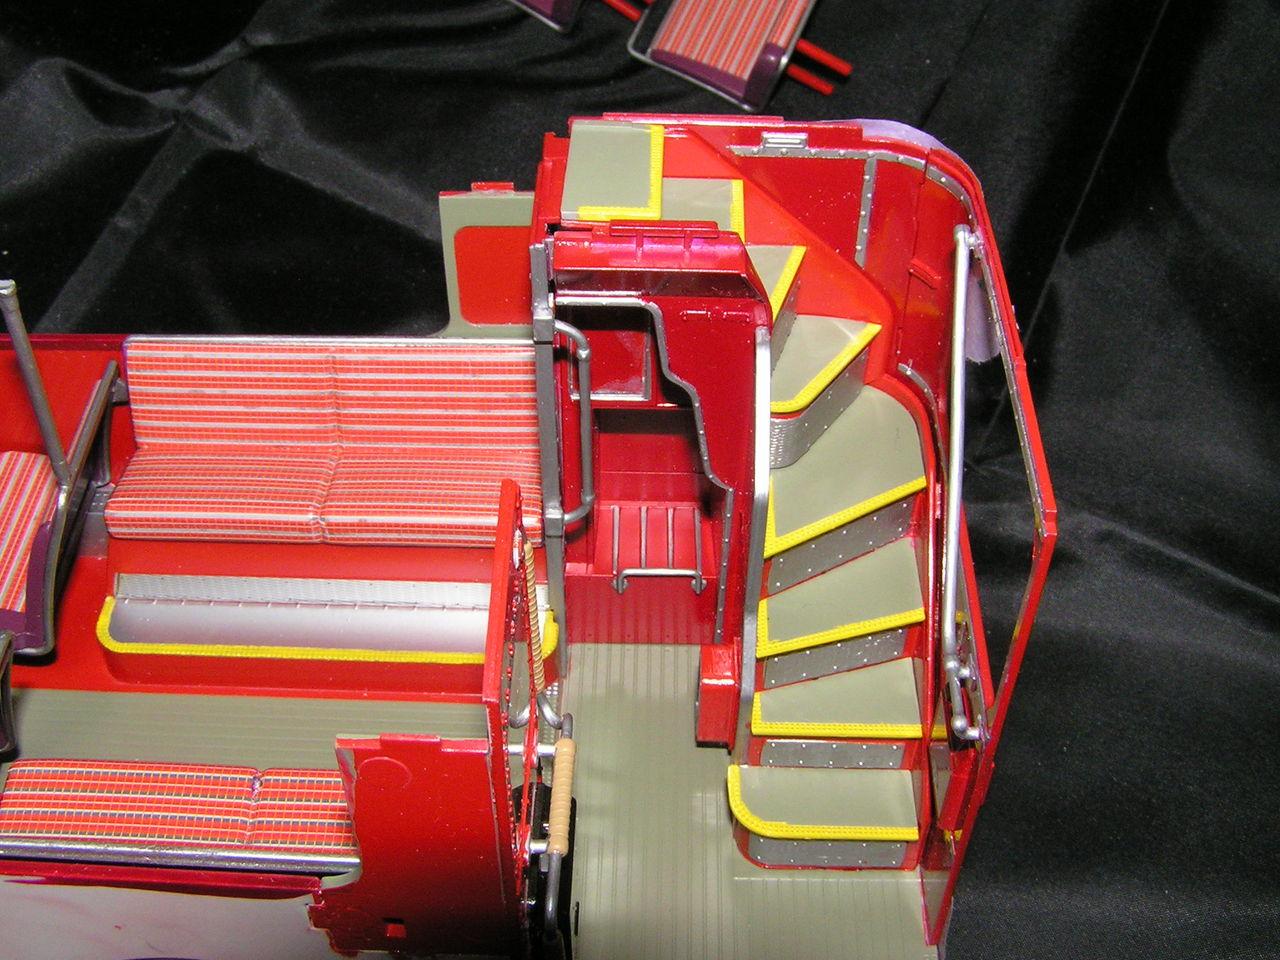 安西一雄・SFレプリカコレクション・プラスチックモデルアート  ReveII 1/24ロンドンバス プラモデル 完成コメント